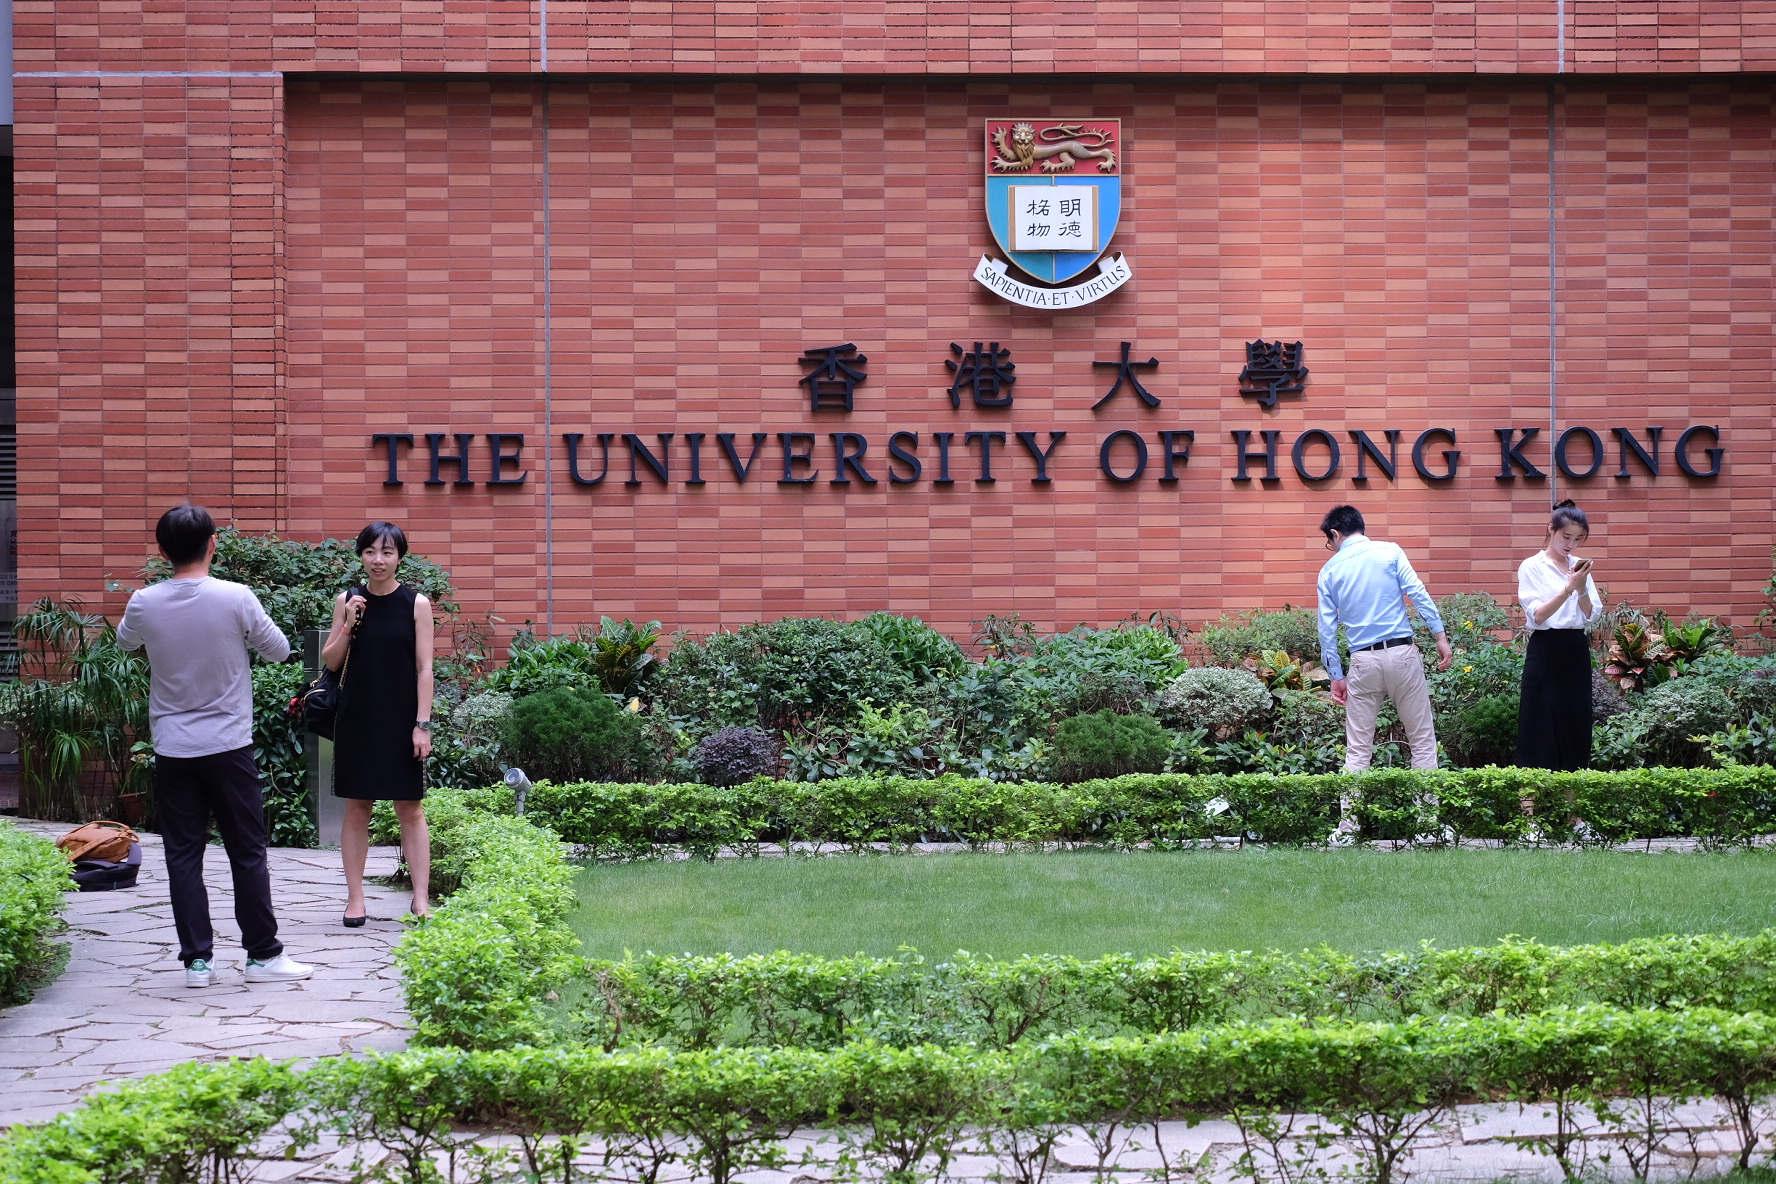 調查:僱主滿意香港本科生的工作能力